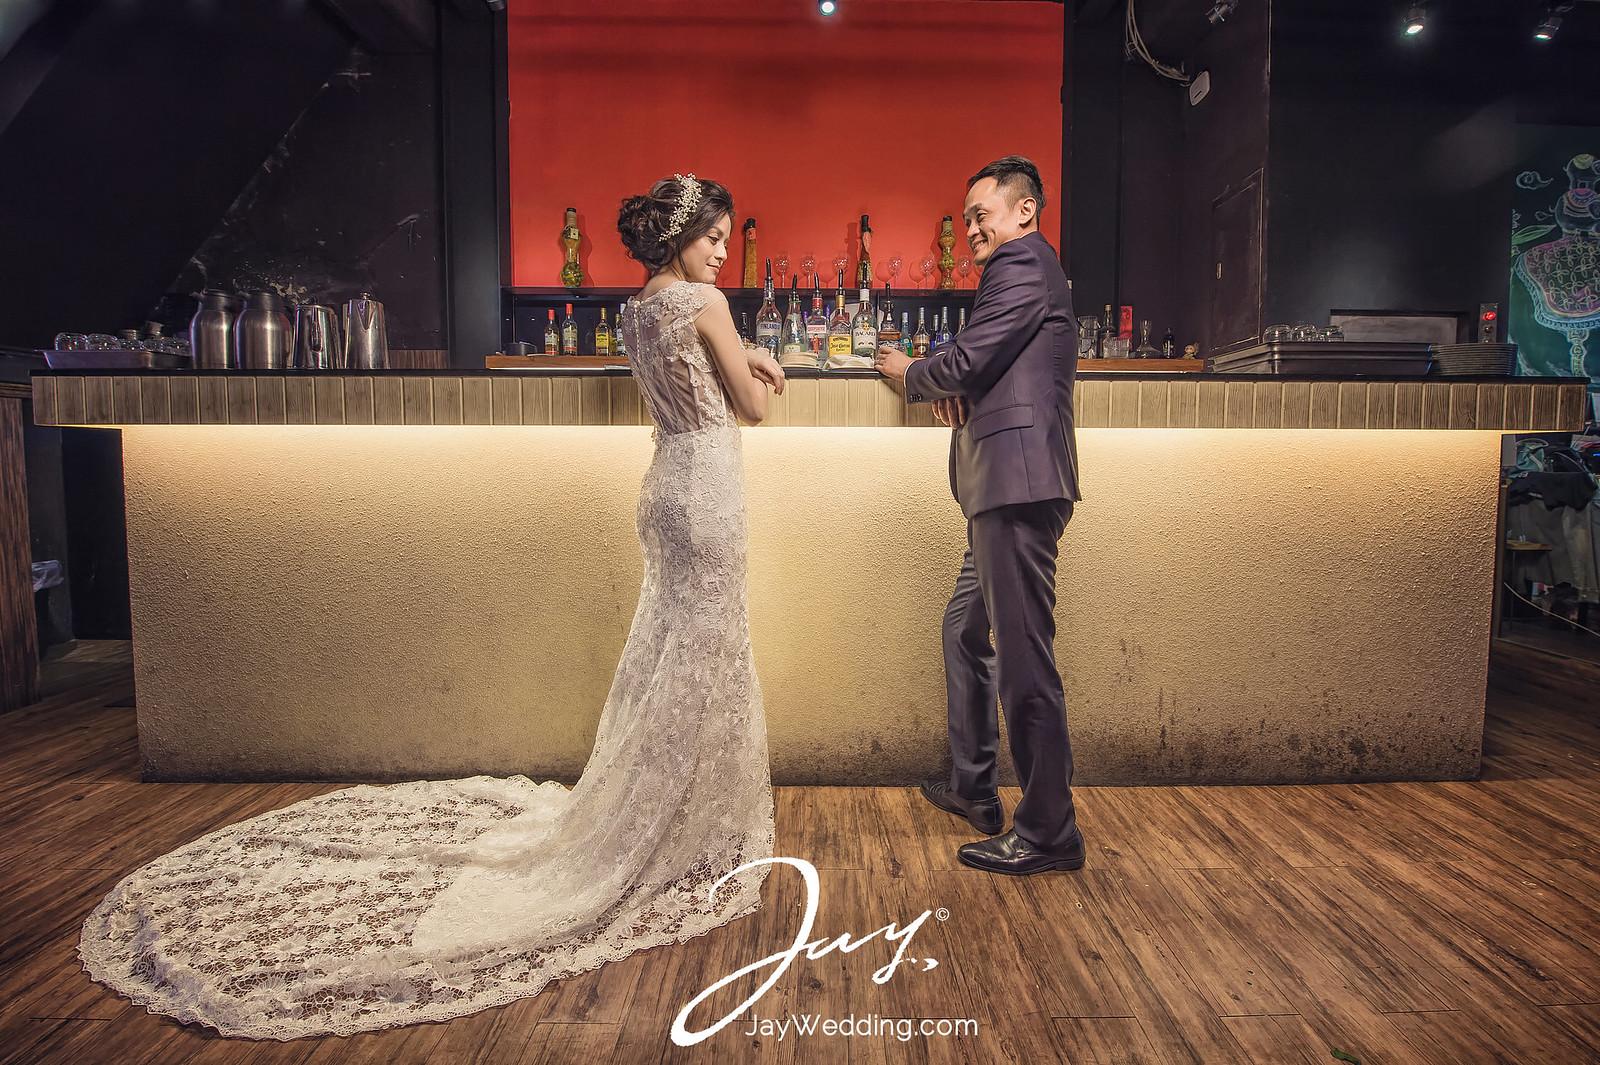 婚紗,婚攝,京都,大阪,食尚曼谷,海外婚紗,自助婚紗,自主婚紗,婚攝A-Jay,婚攝阿杰,jay hsieh,JAY_3585